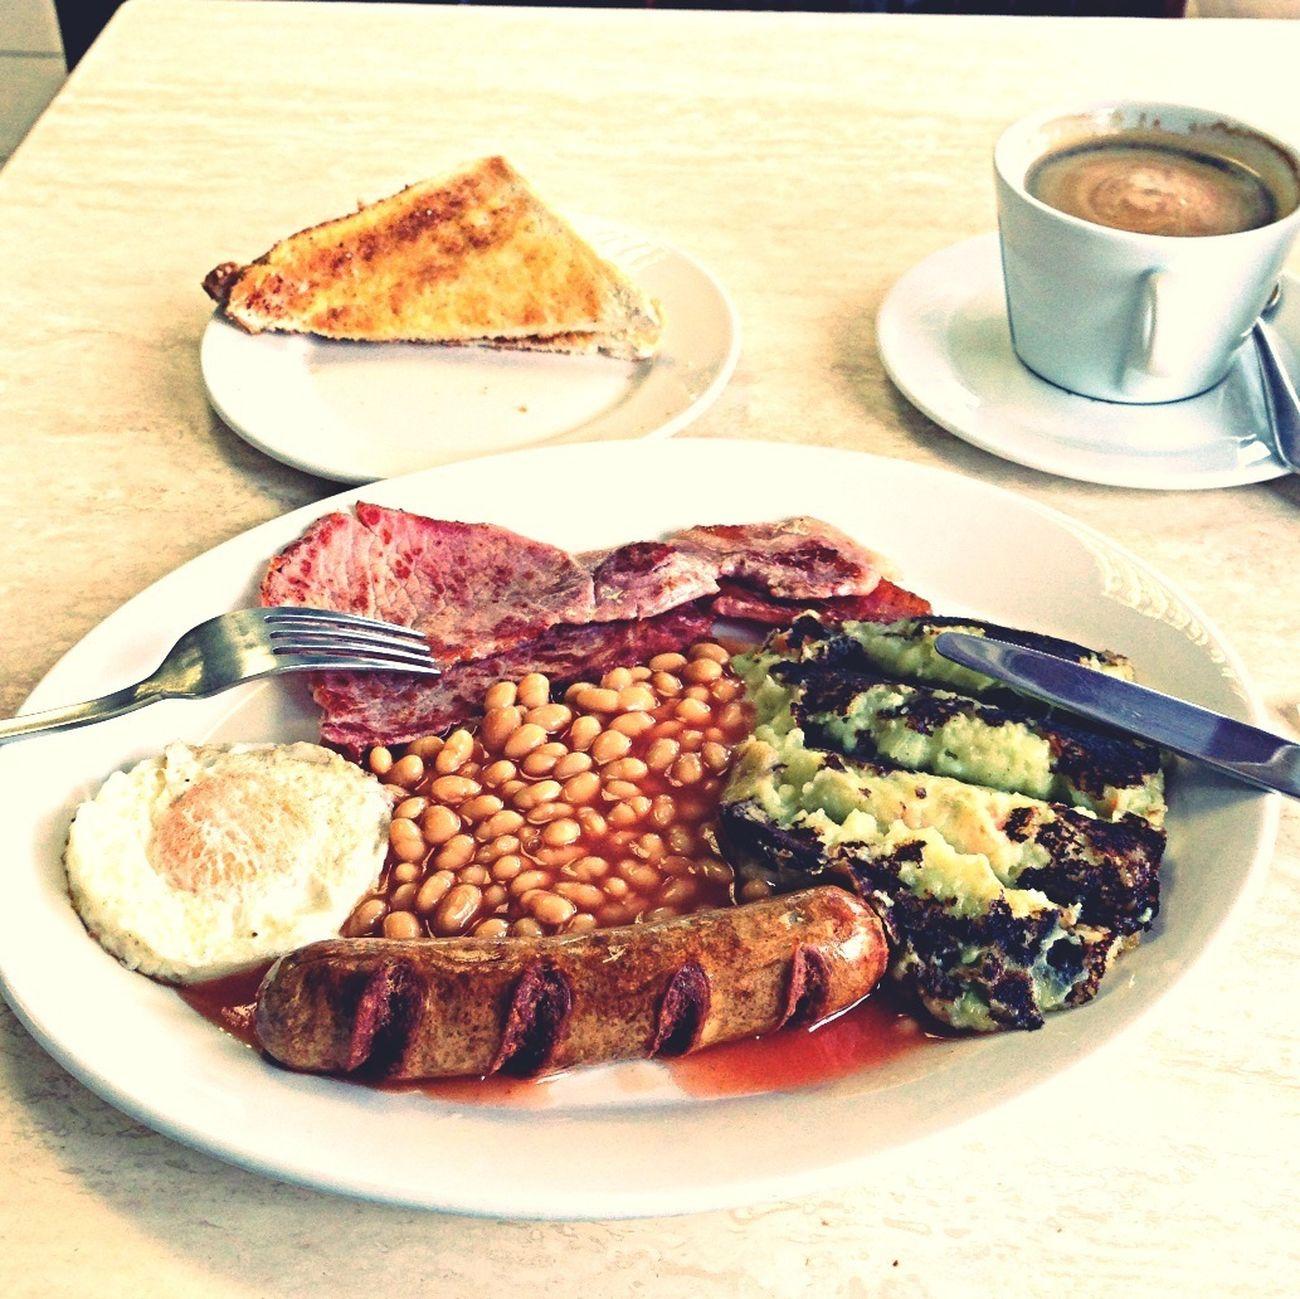 Post Show late breakfast feast